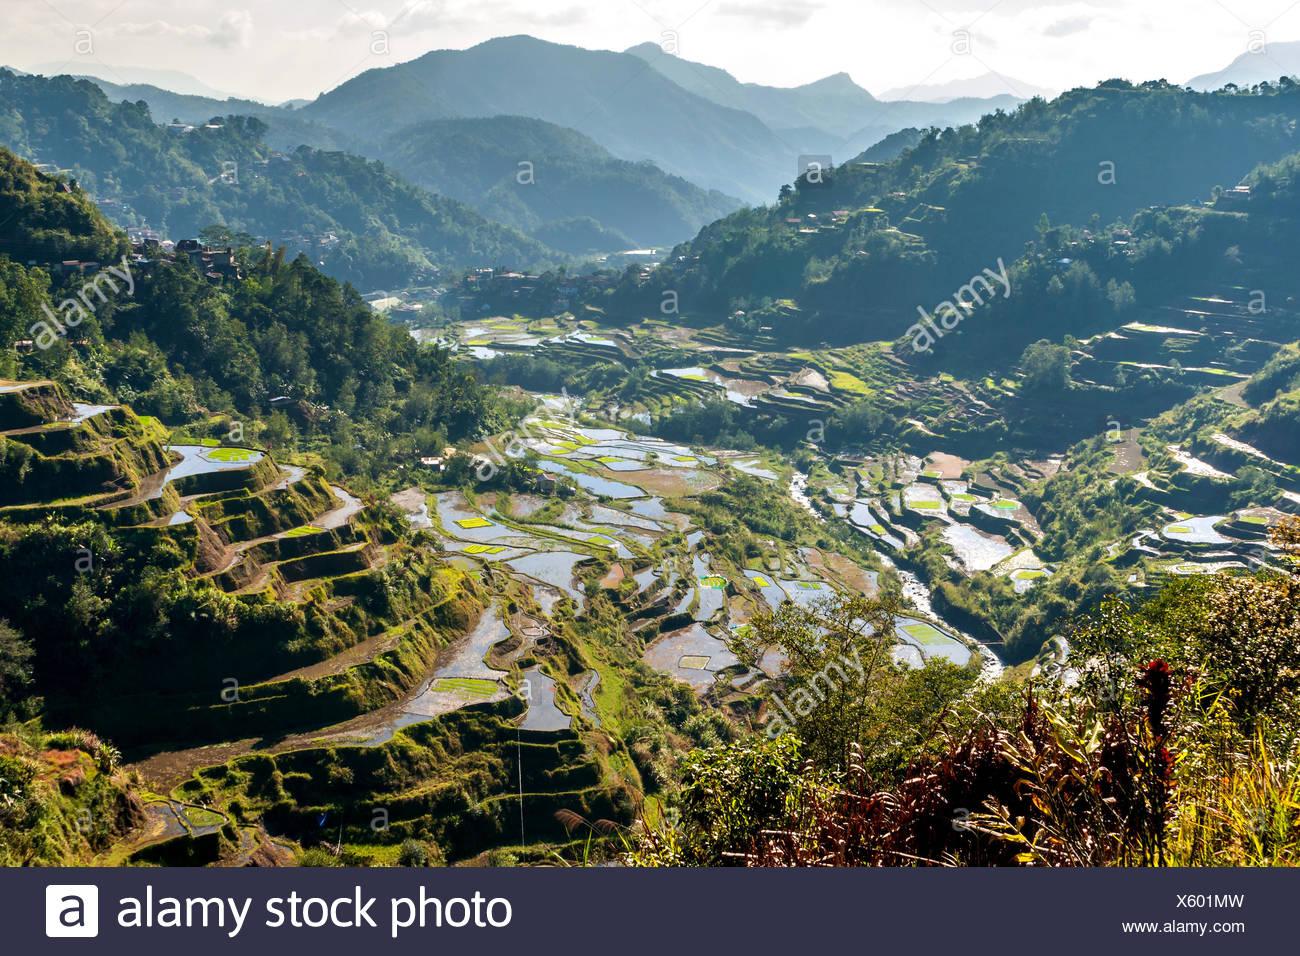 Sterben Sie die Berühmten Reisterrassen von Banaue, Luzon, Philippinen Stockbild